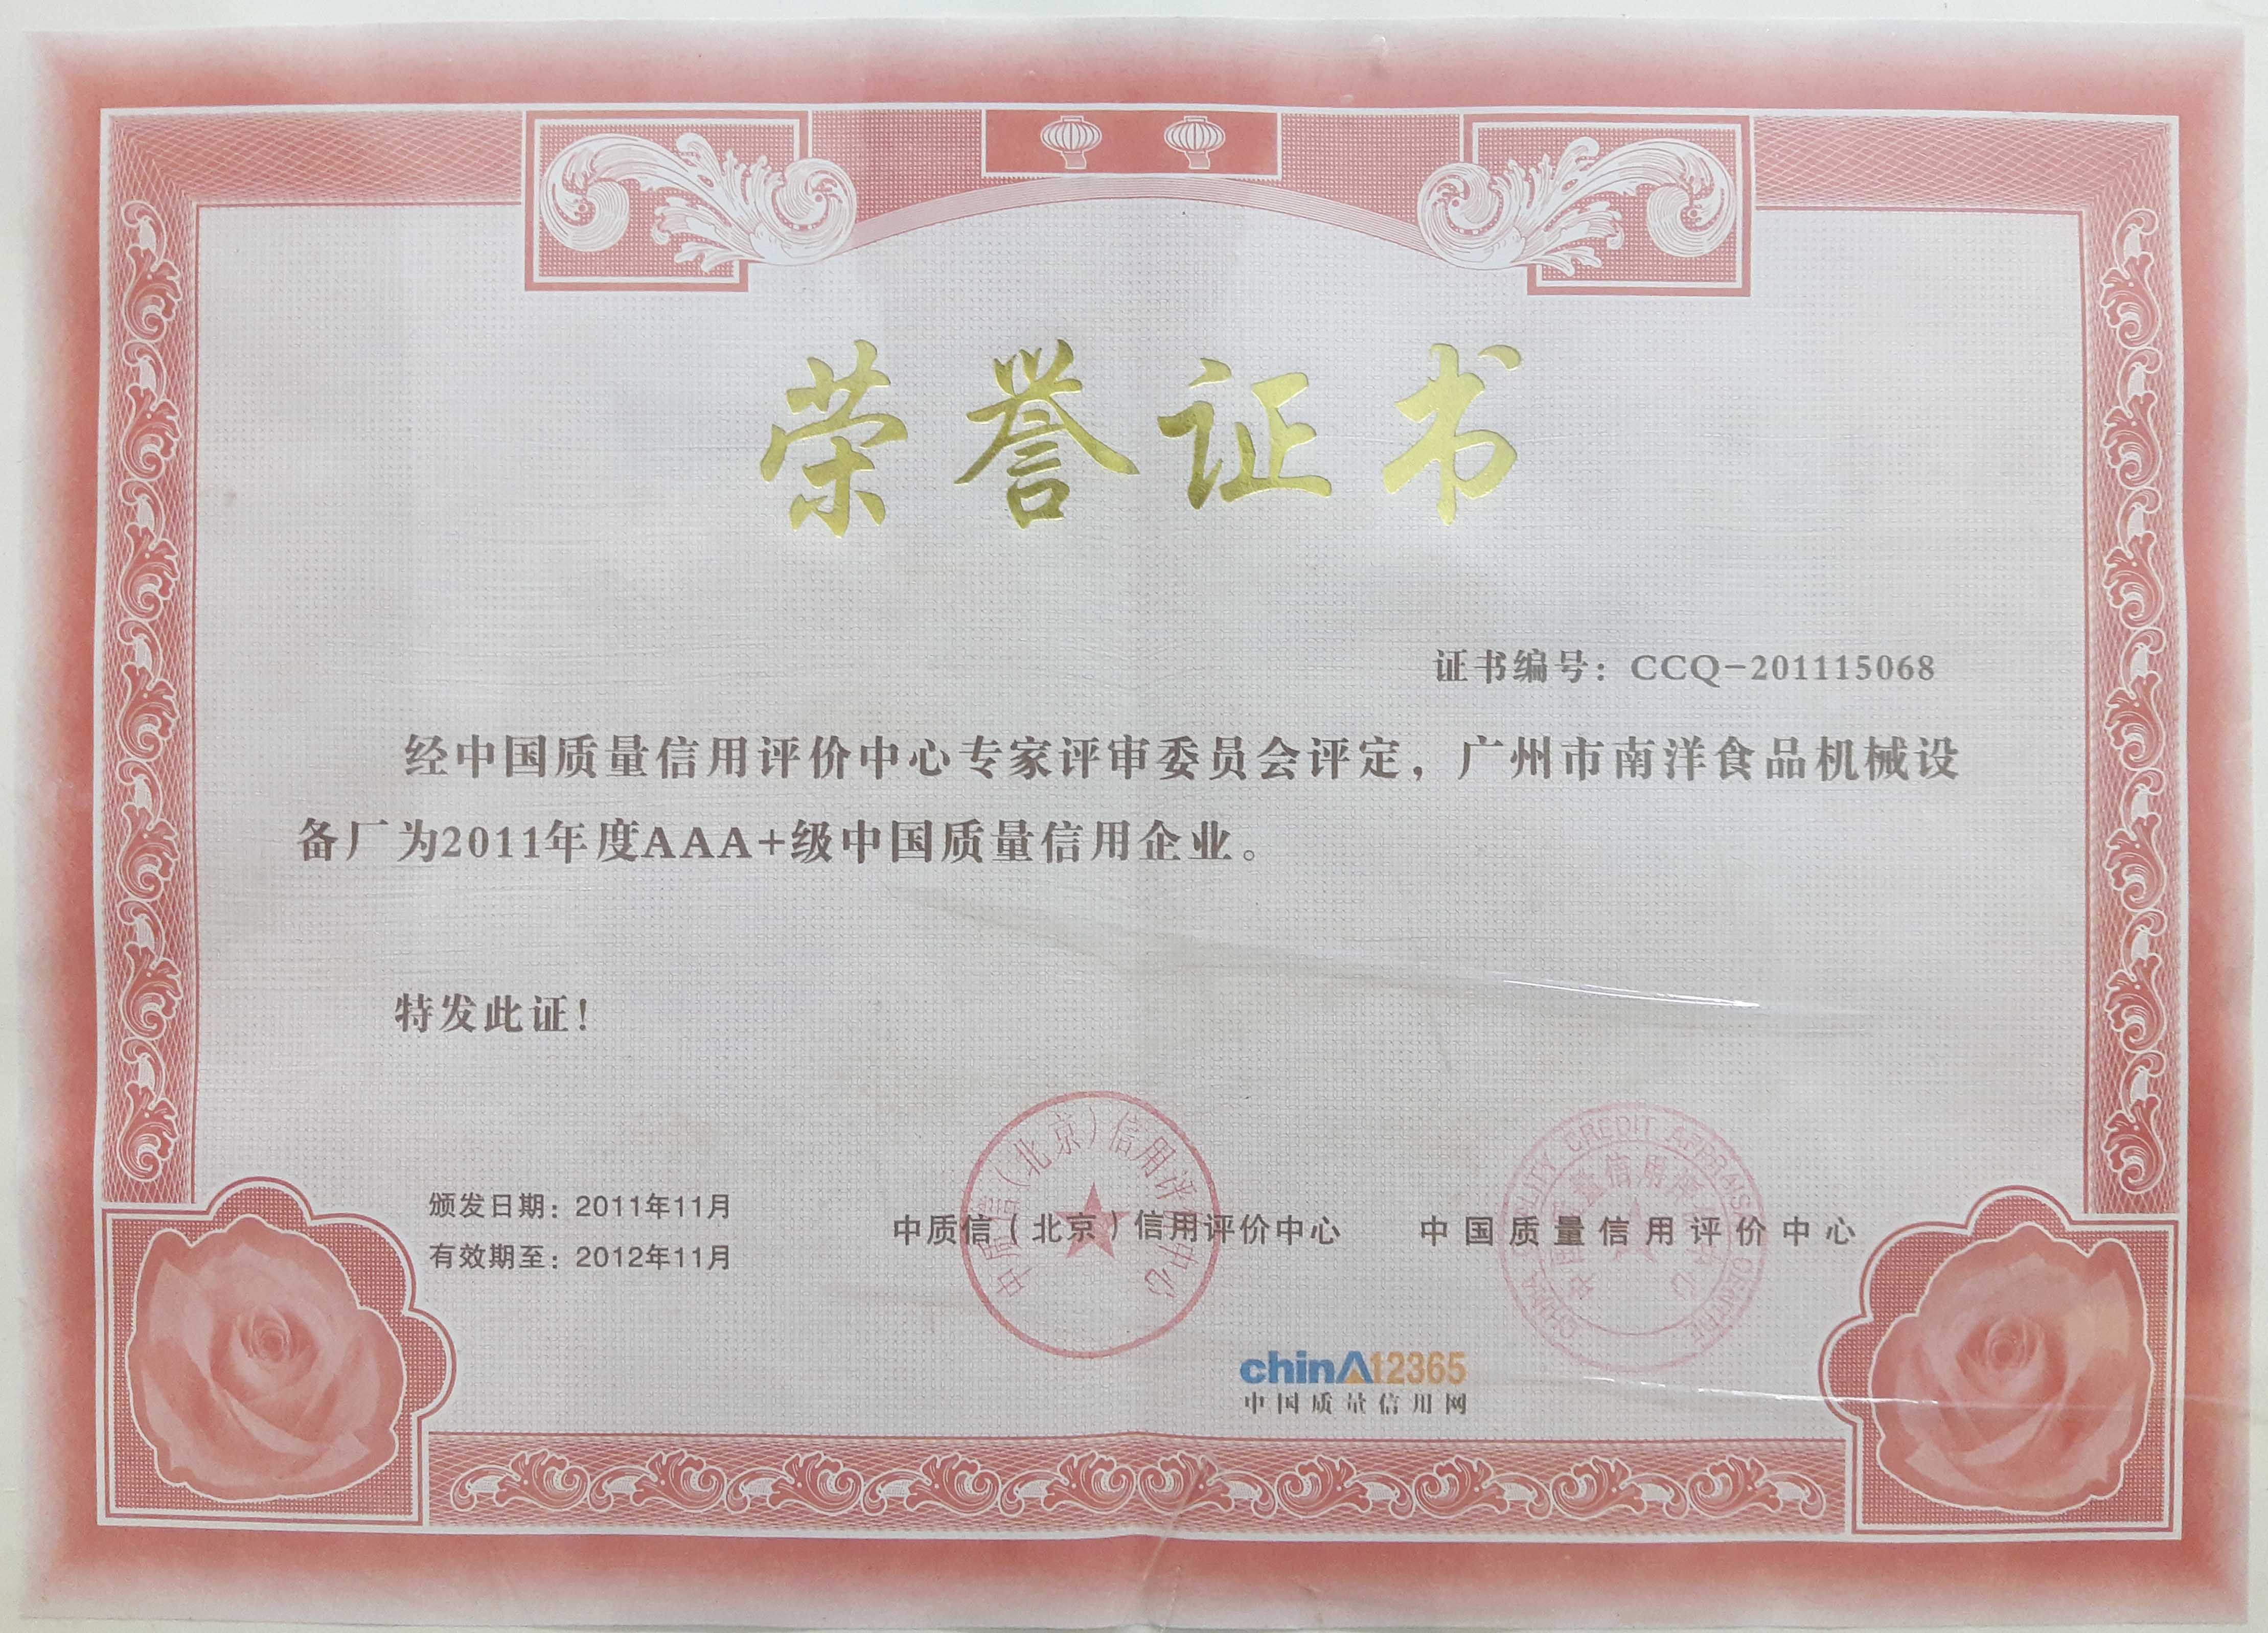 AAA+质量认证